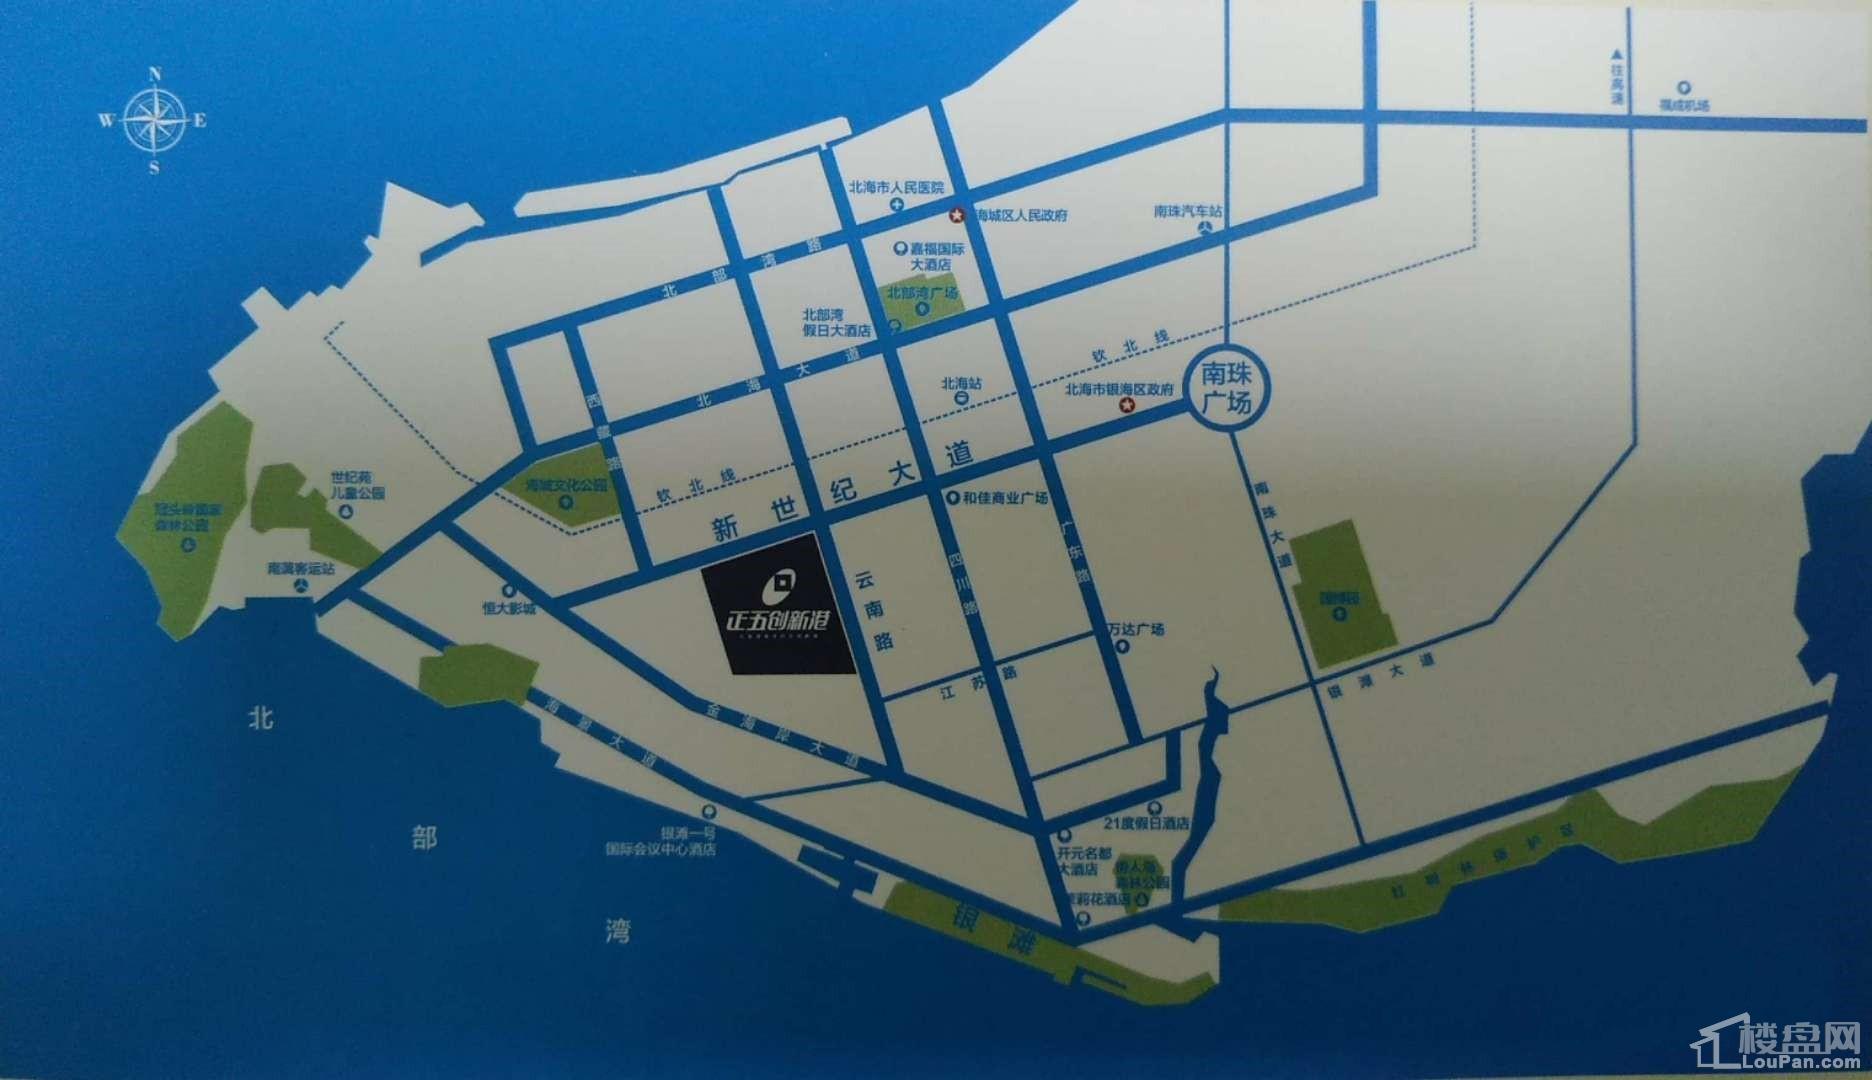 正五创新港位置图